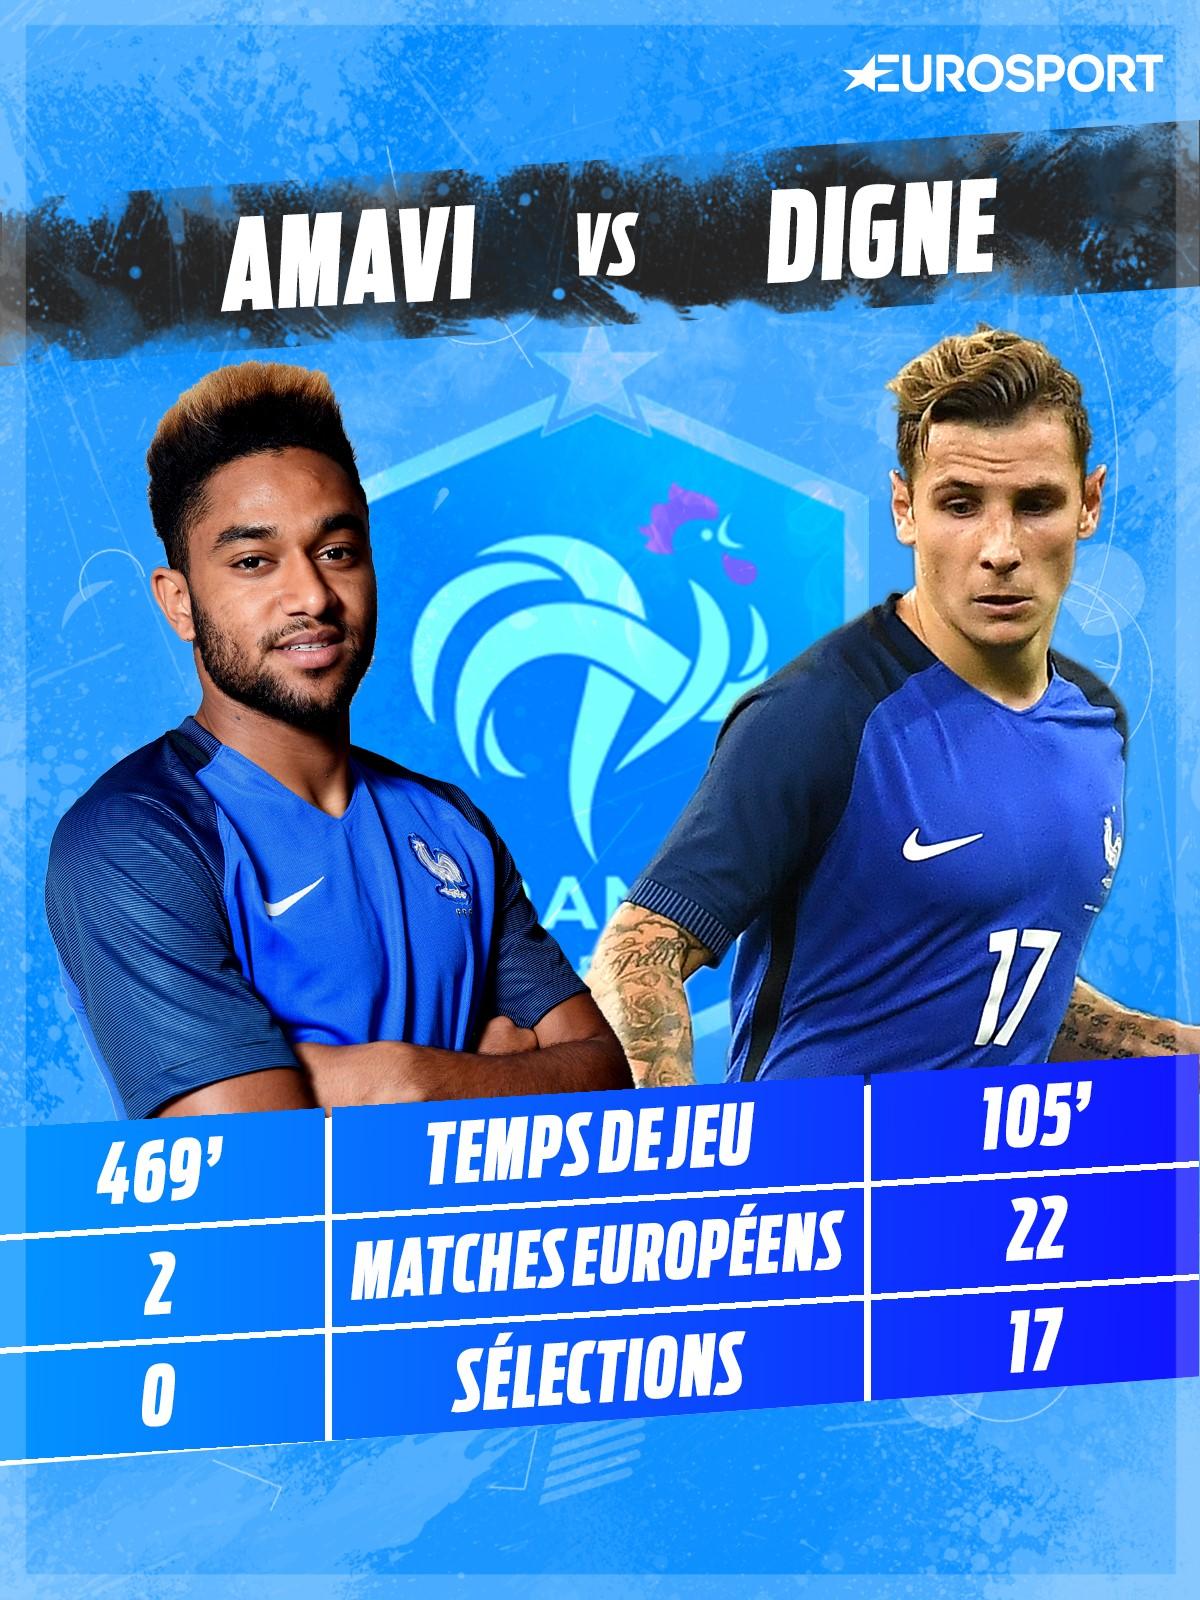 Amavi vs Digne